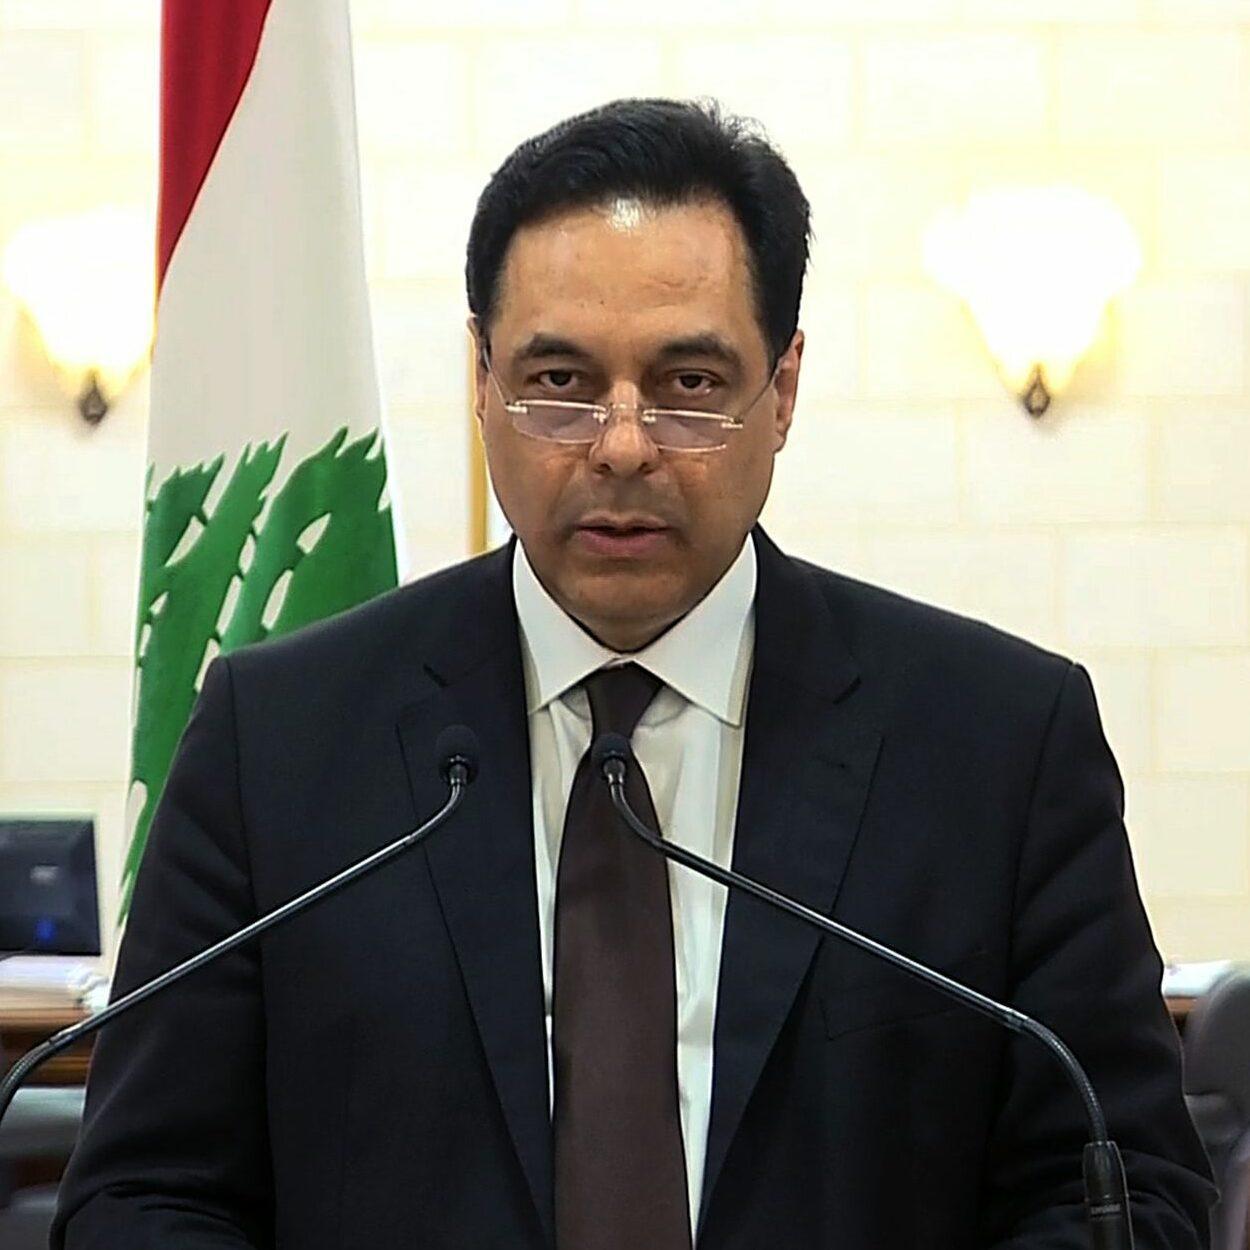 primeiro-ministro libanês anuncia renuncia